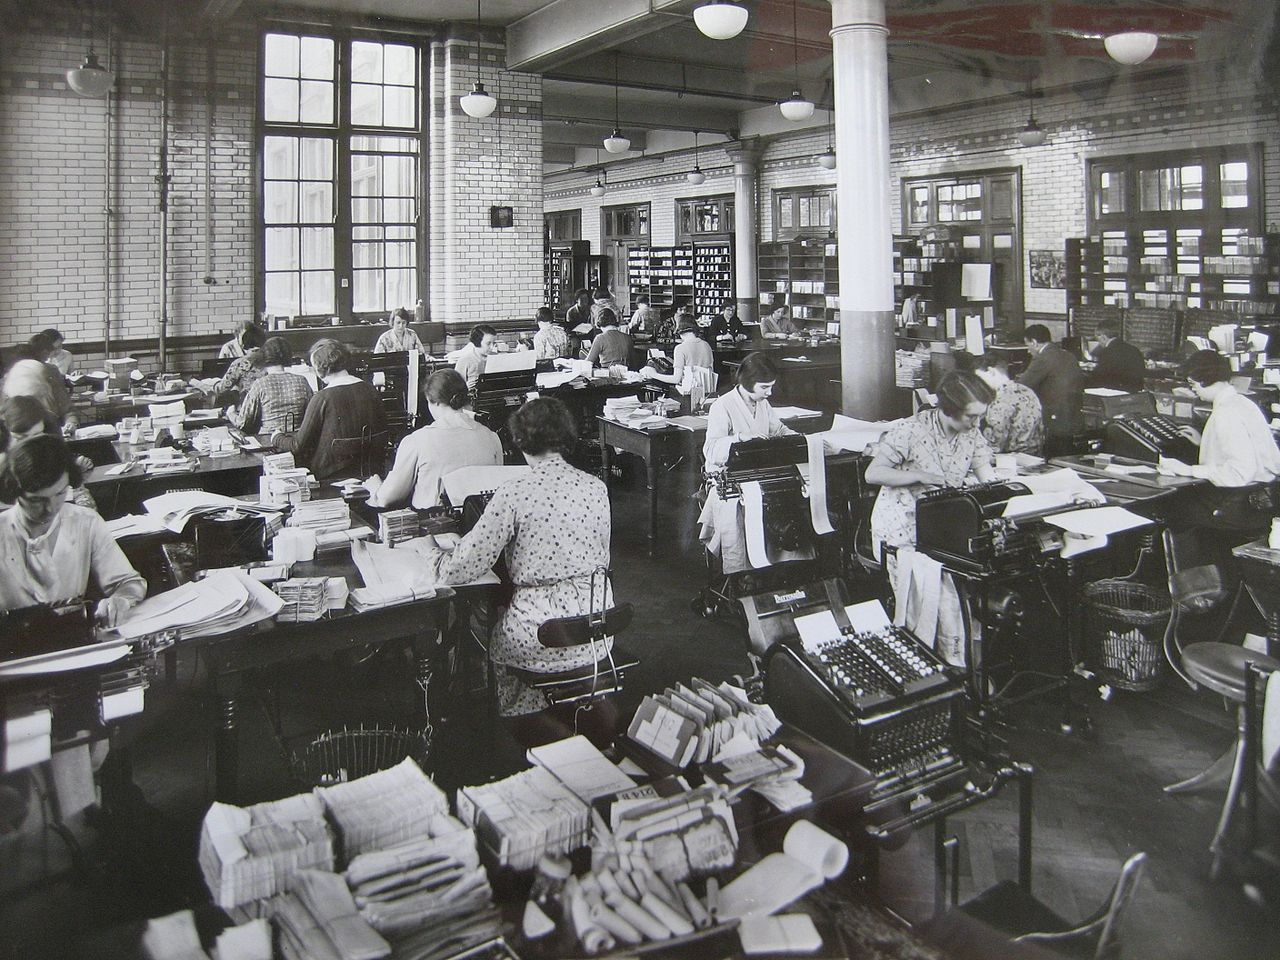 Women working at typewriters.